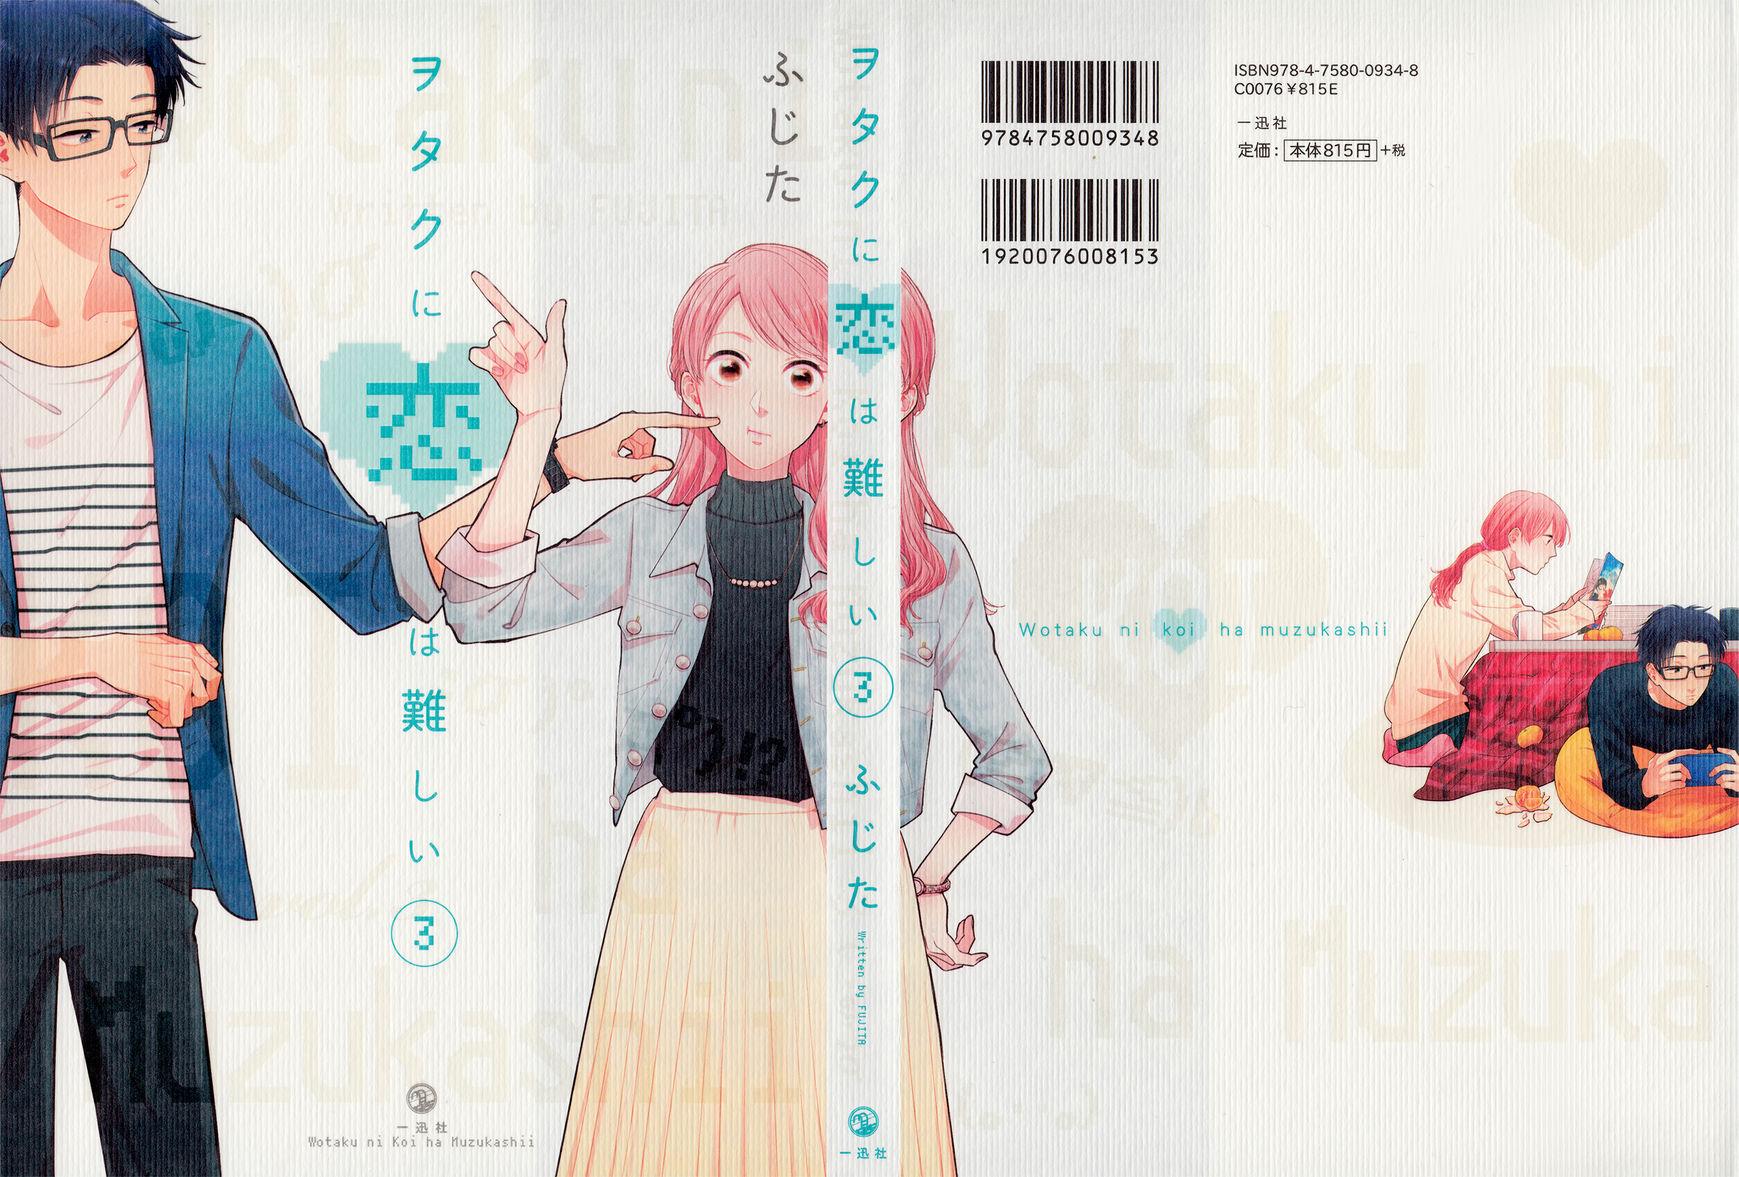 Wotaku Ni Koi Wa Muzukashii 14 Read Wotaku Ni Koi Wa Muzukashii